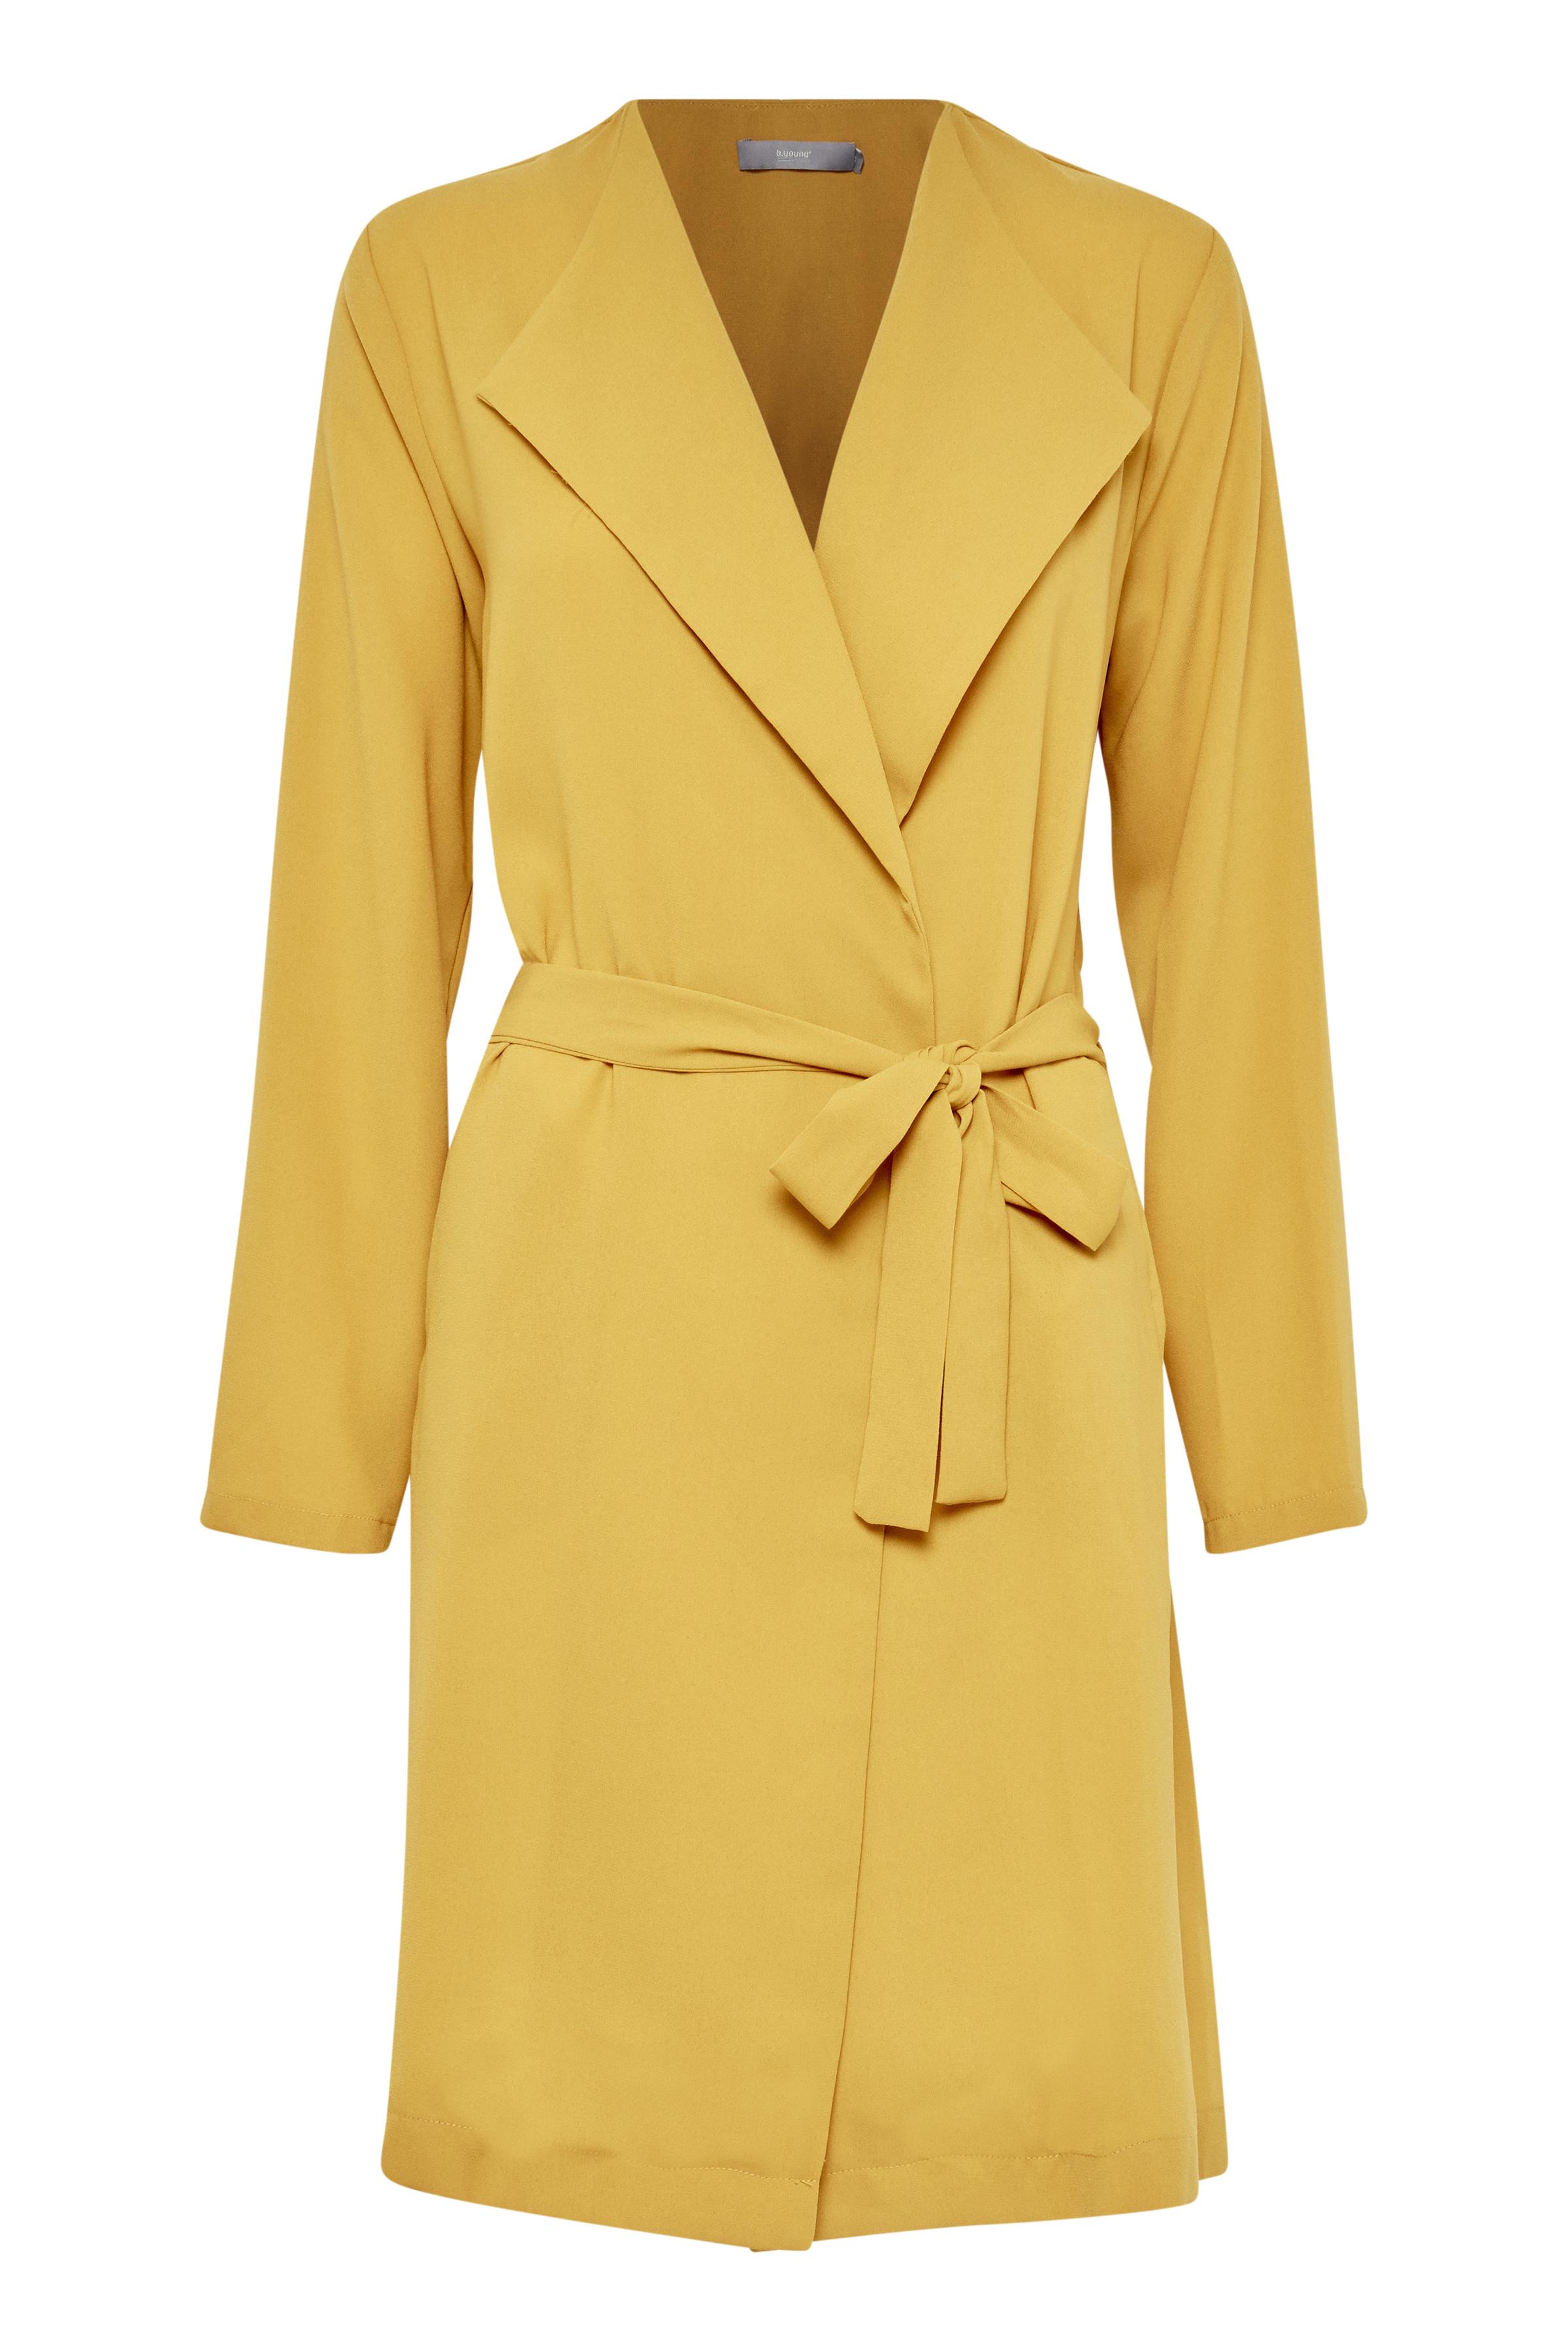 Ochre Yellow Jacka från b.young – Köp Ochre Yellow Jacka från storlek 34-42 här